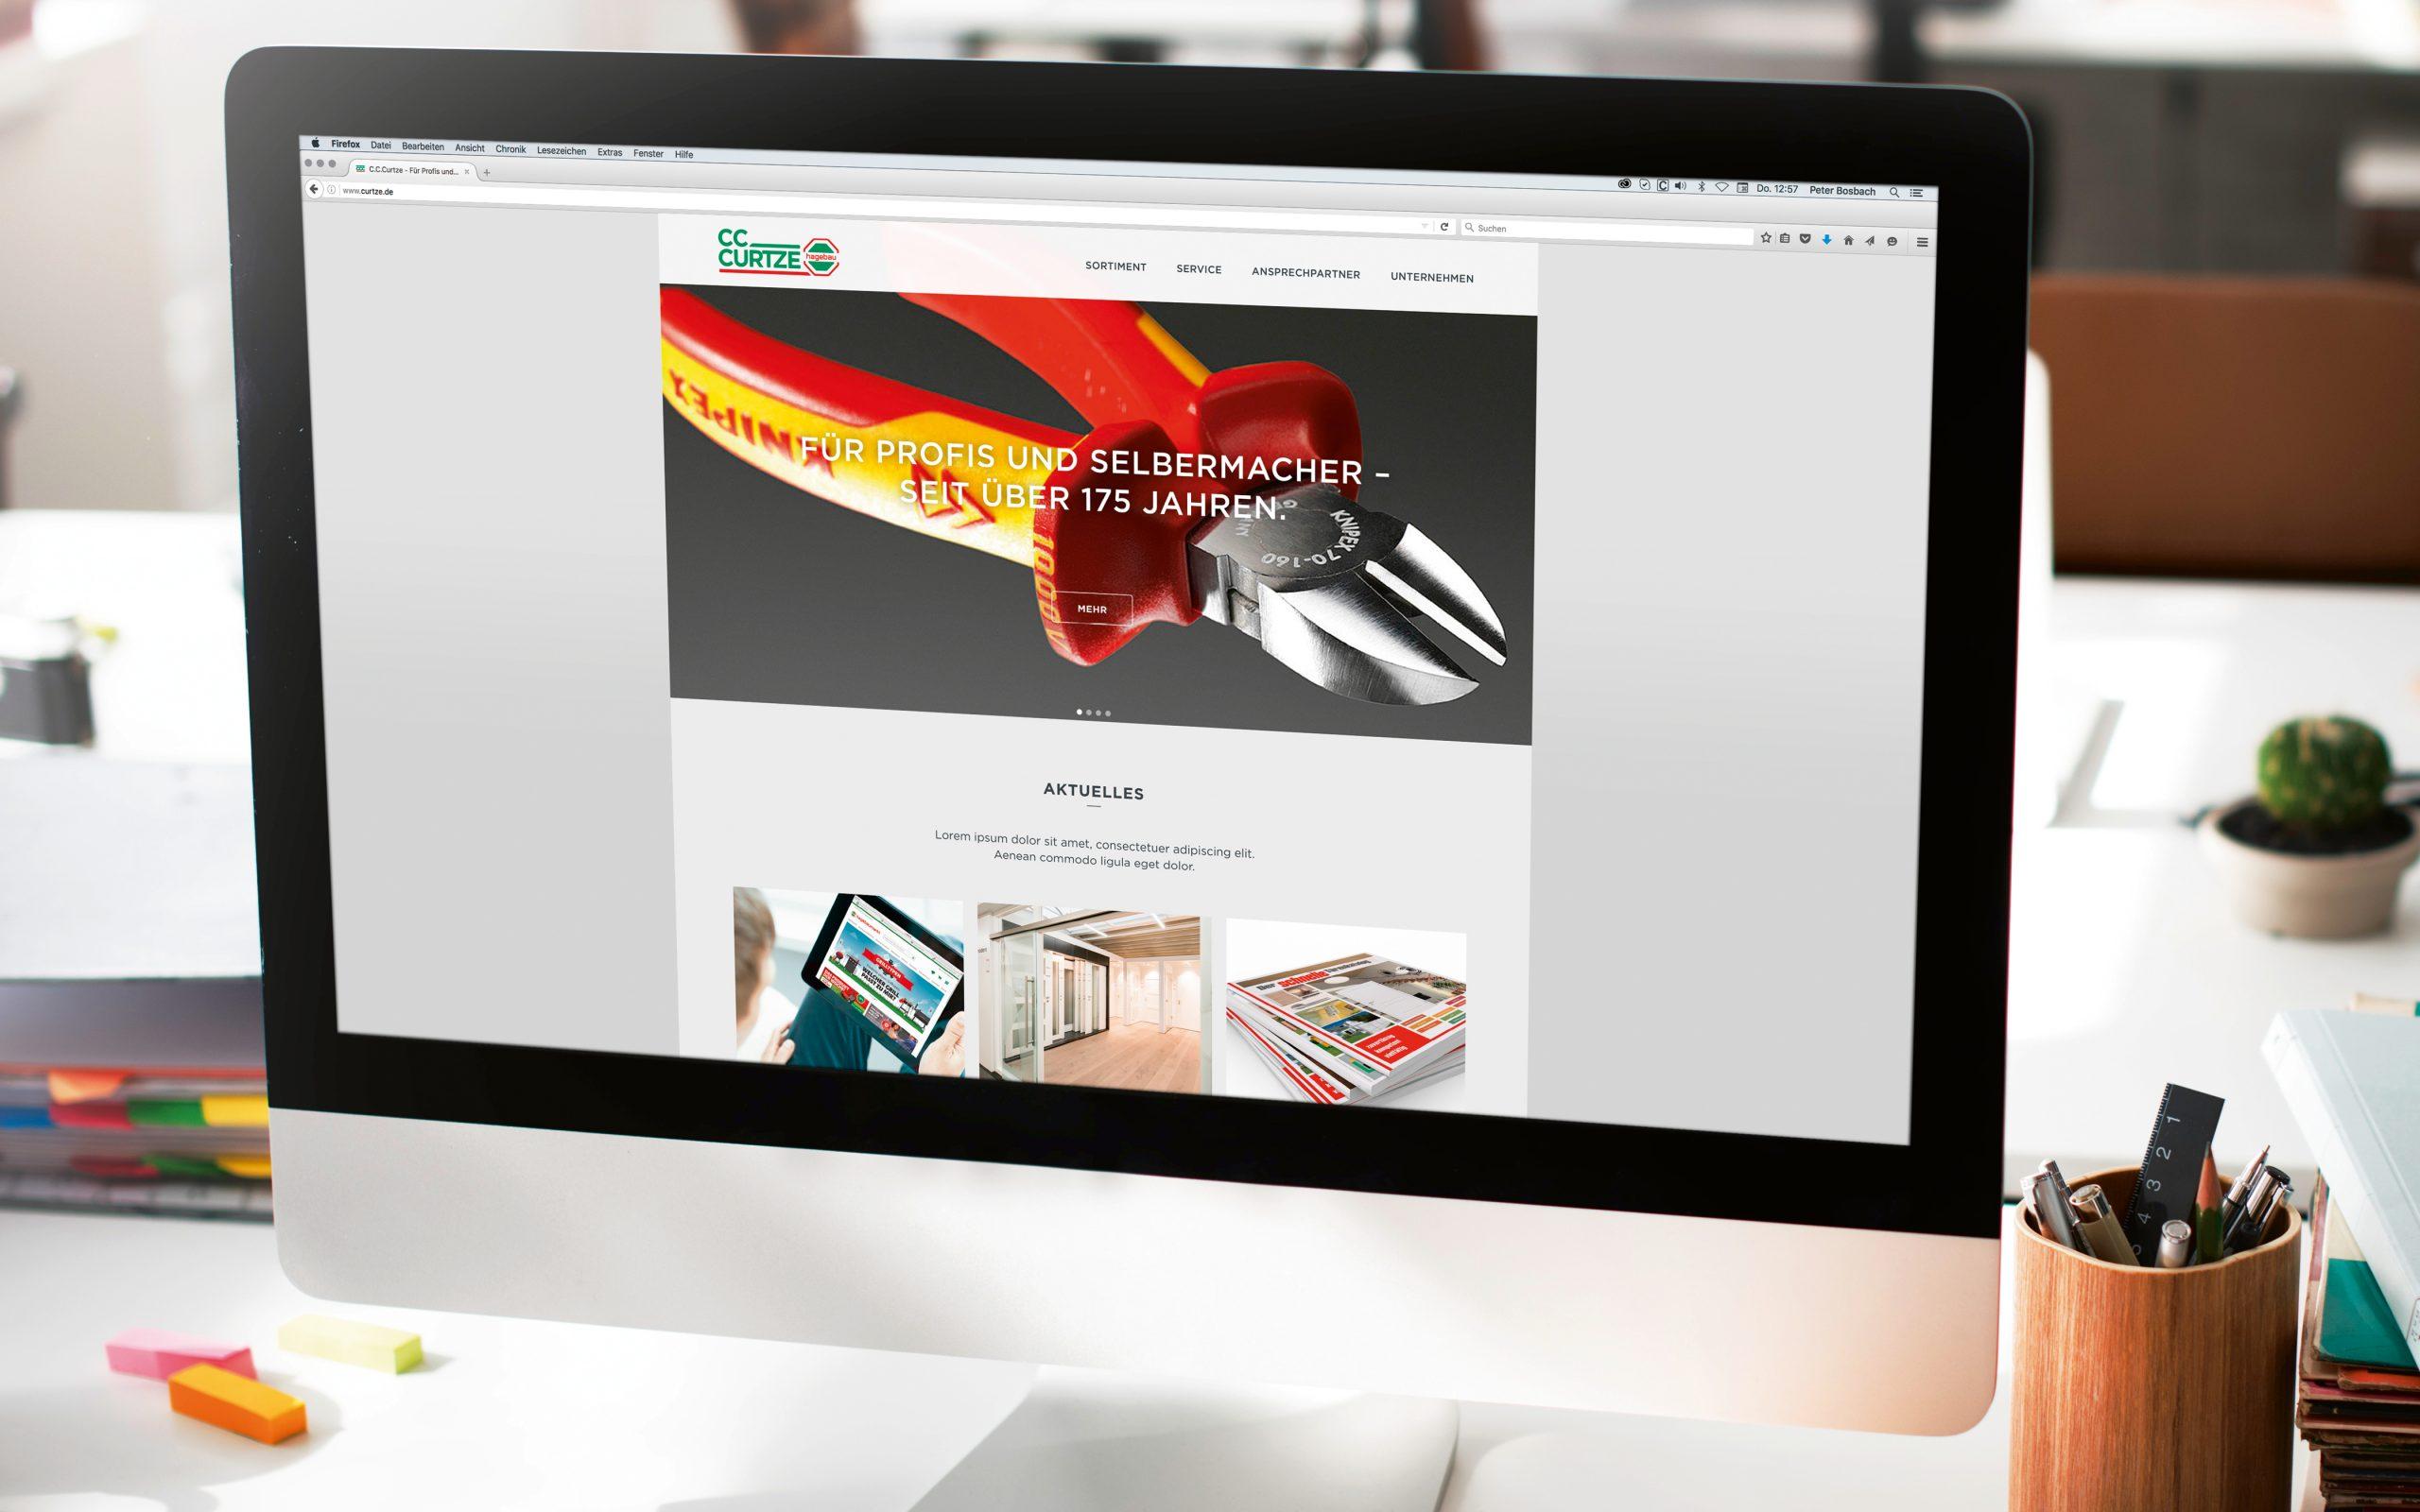 C.C. Curtze (Hagebau): Webdesign und WordPress-Programmierung von Bosbach